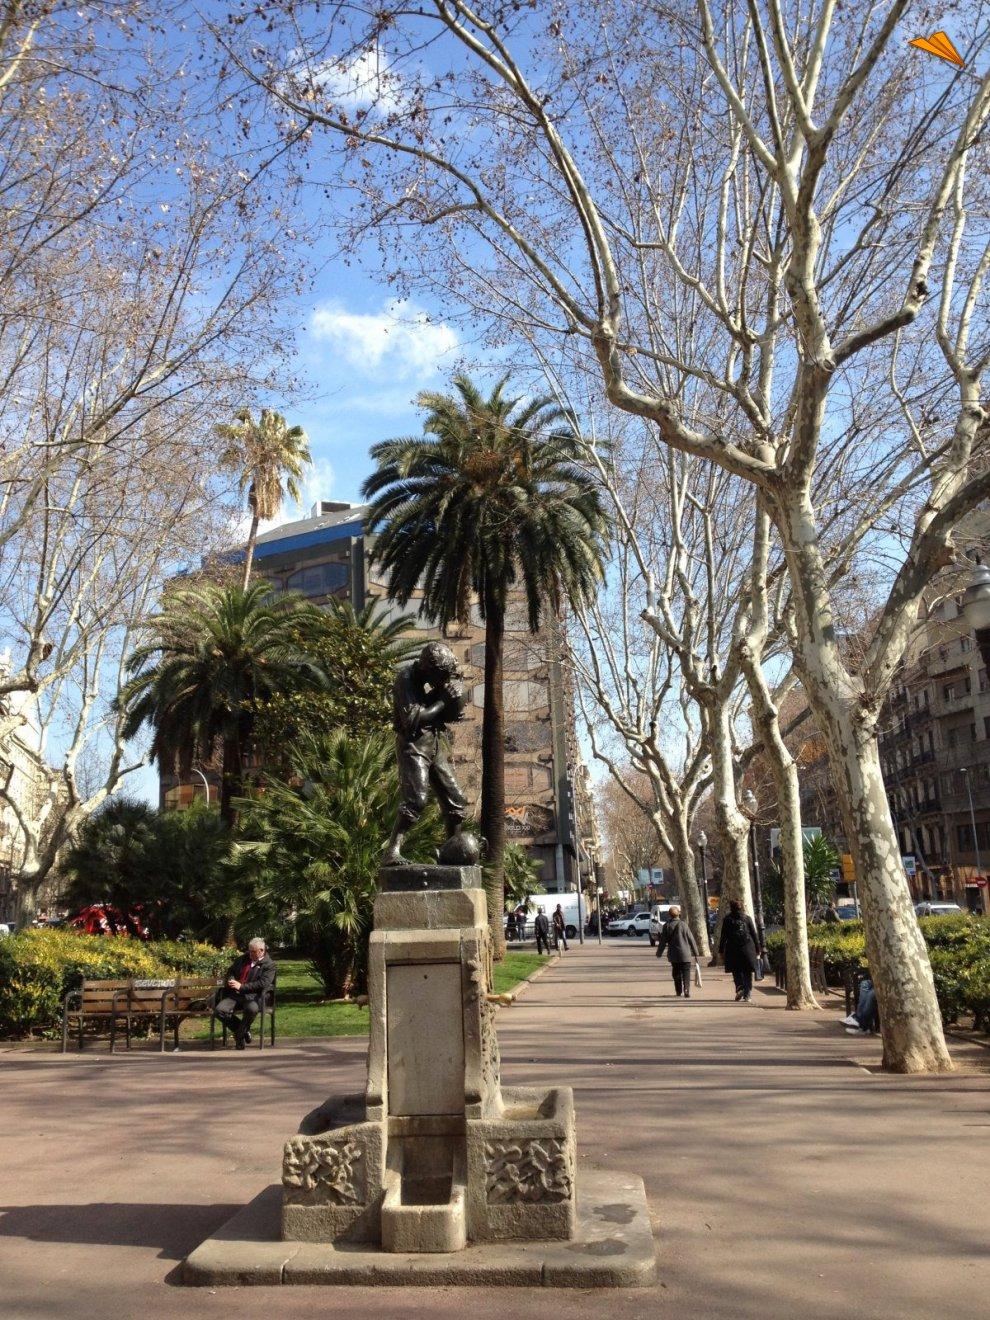 Fuente de los jardines de plaza urquinaona de barcelona - Jardines de barcelona ...